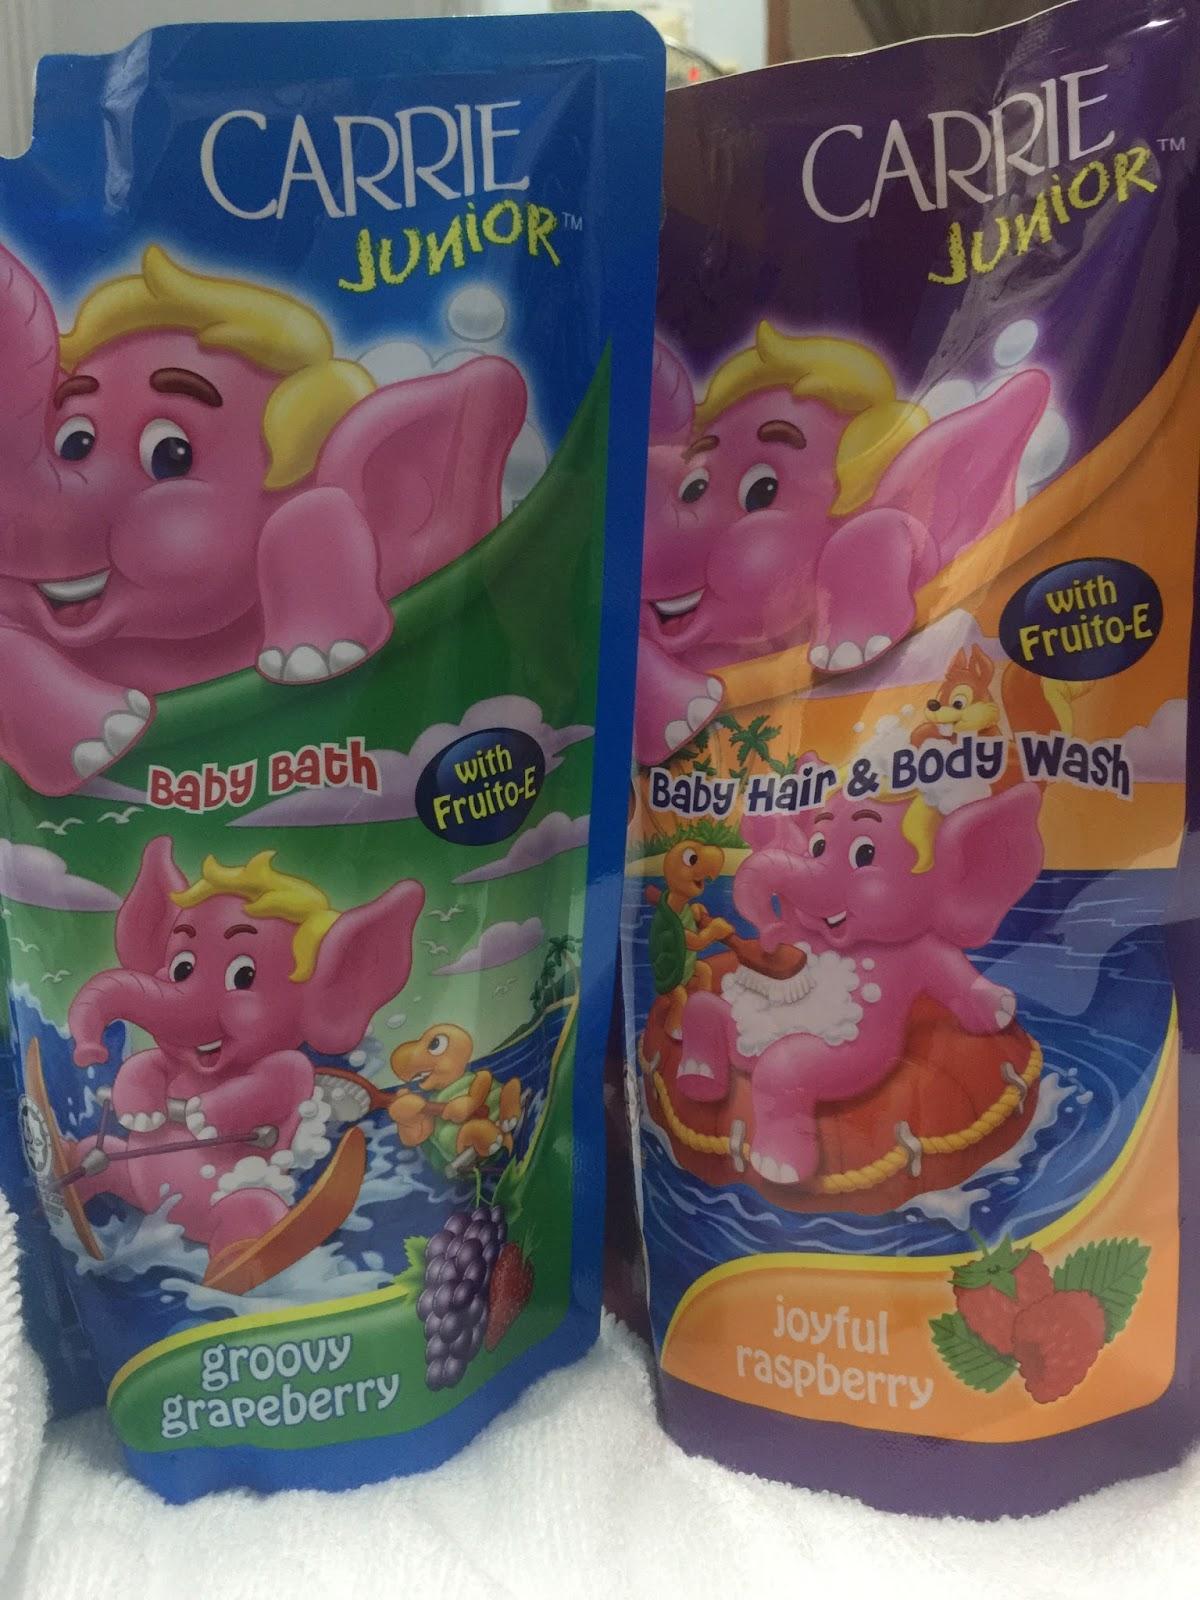 carrie junior, istimewa untuk anak-anak, pek isian semula sabun mandi